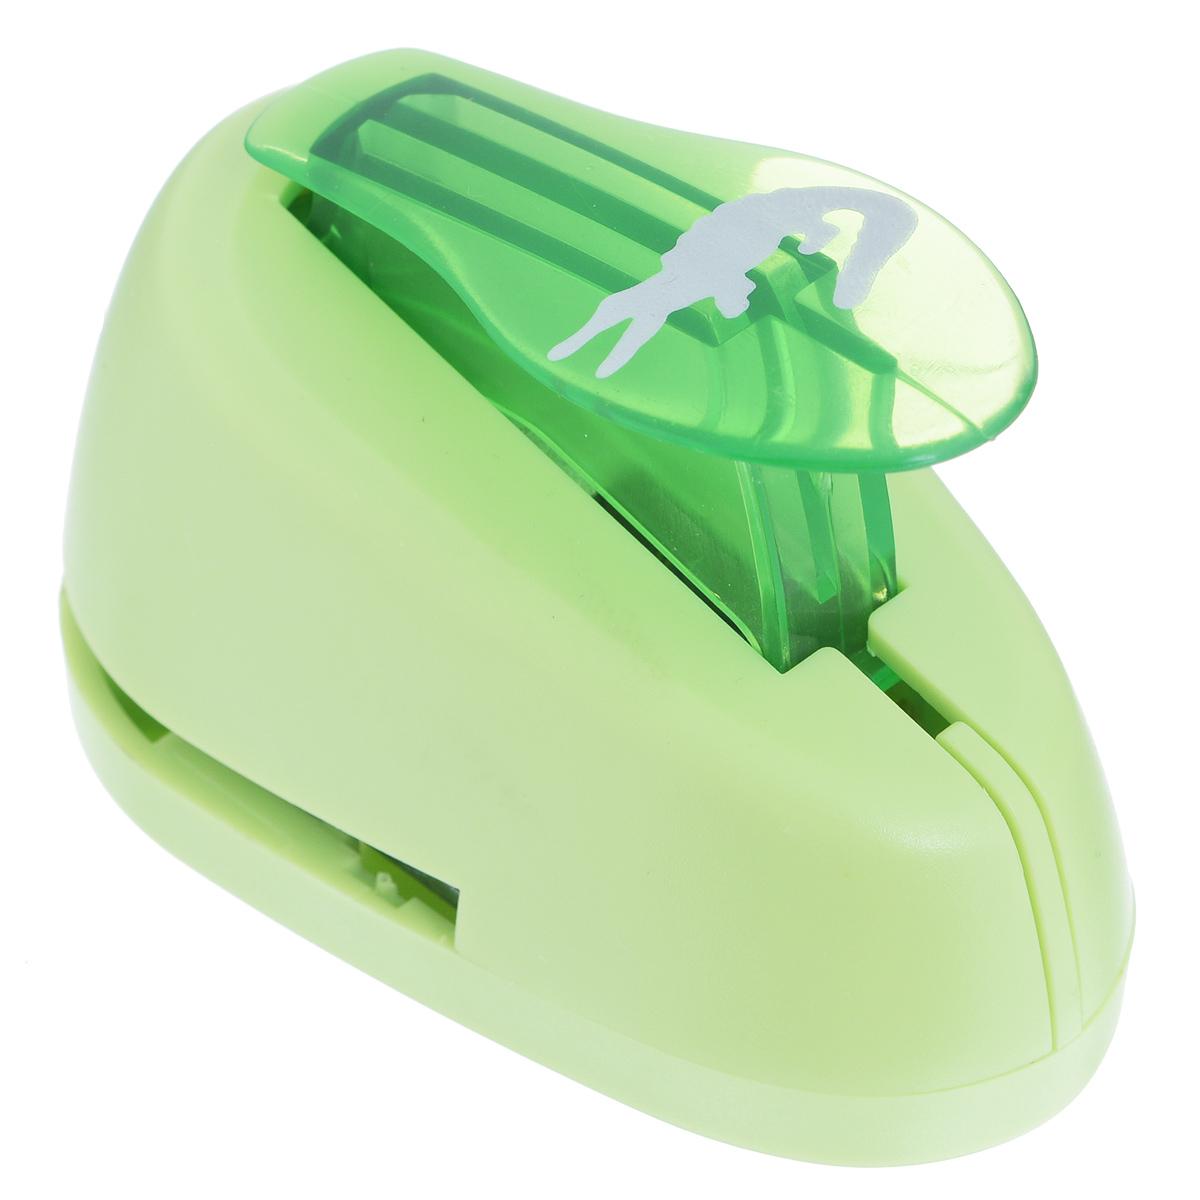 Дырокол фигурный Астра Крокодил. CD-99M7709605_52Дырокол Астра Крокодил поможет вам легко, просто и аккуратно вырезать много одинаковых мелких фигурок.Режущие части компостера закрыты пластмассовым корпусом, что обеспечивает безопасность для детей. Вырезанные фигурки накапливаются в специальном резервуаре. Можно использовать вырезанные мотивы как конфетти или для наклеивания. Дырокол подходит для разных техник: декупажа, скрапбукинга, декорирования.Размер дырокола: 8 см х 5 см х 5 см. Размер готовой фигурки: 2,4 см х 1,2 см.